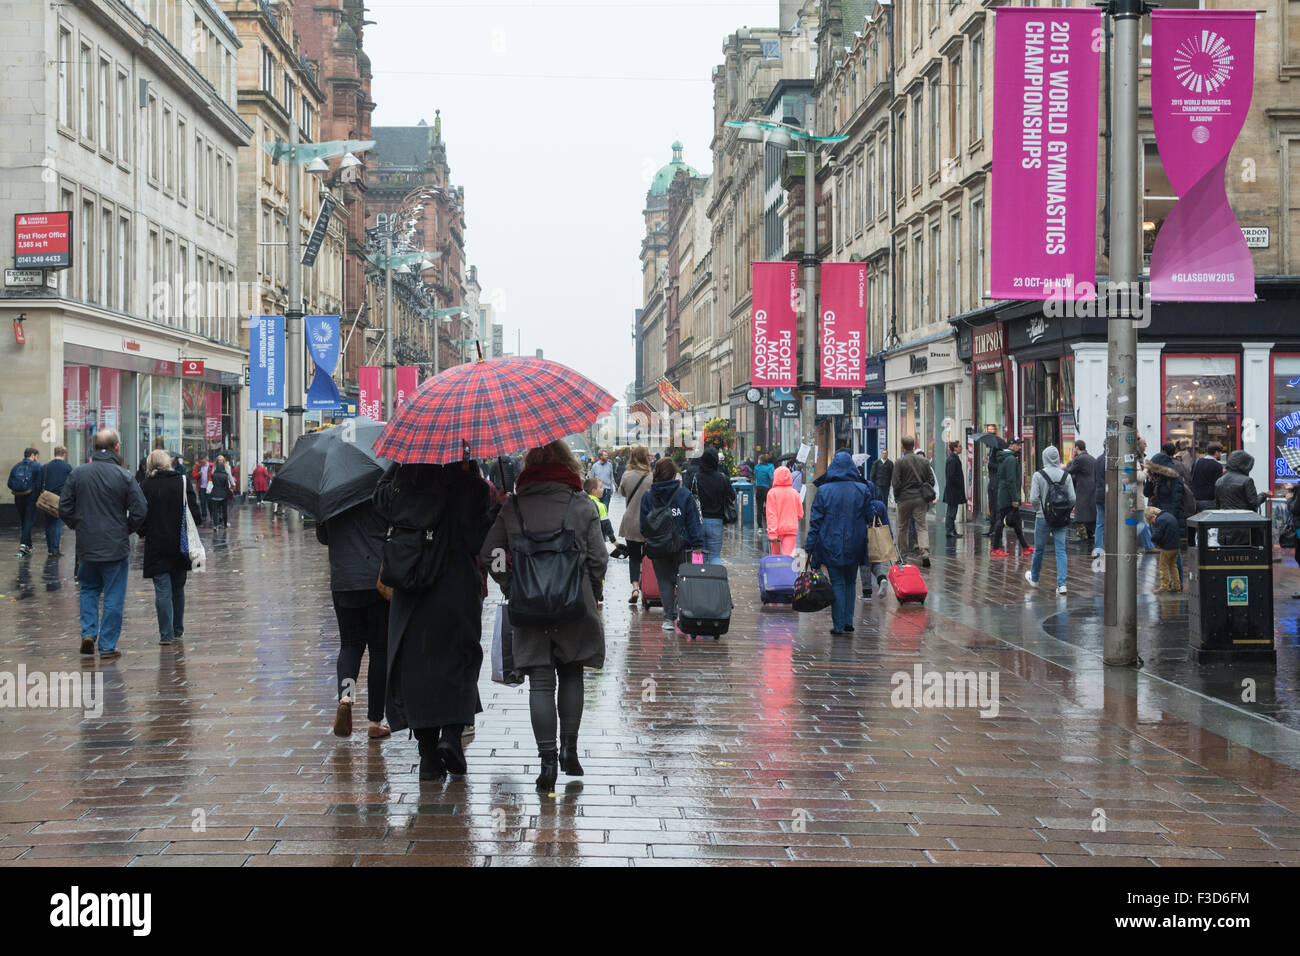 glasgow  scotland  uk - 5 october 2015  uk weather